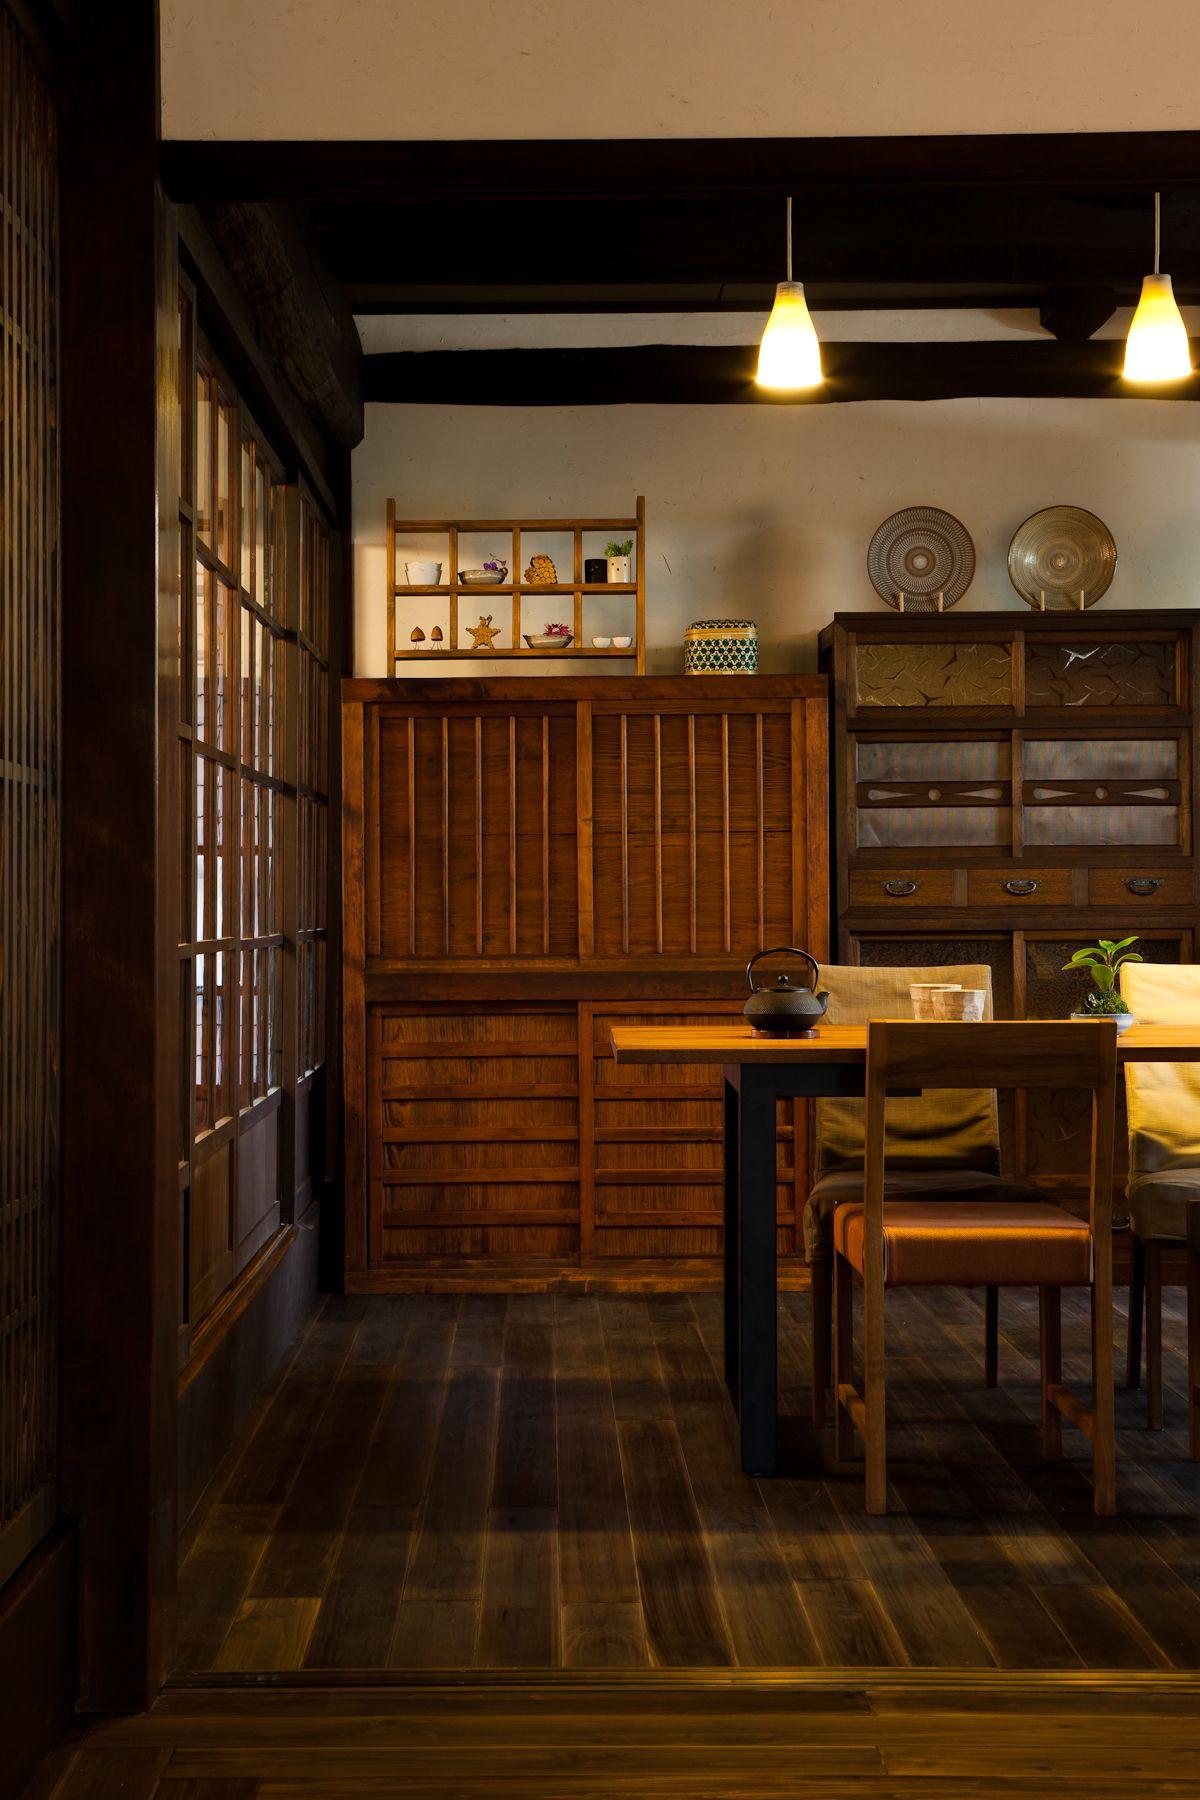 野中の家 古民家再生 三友style 和 伝統的な日本家屋 和風